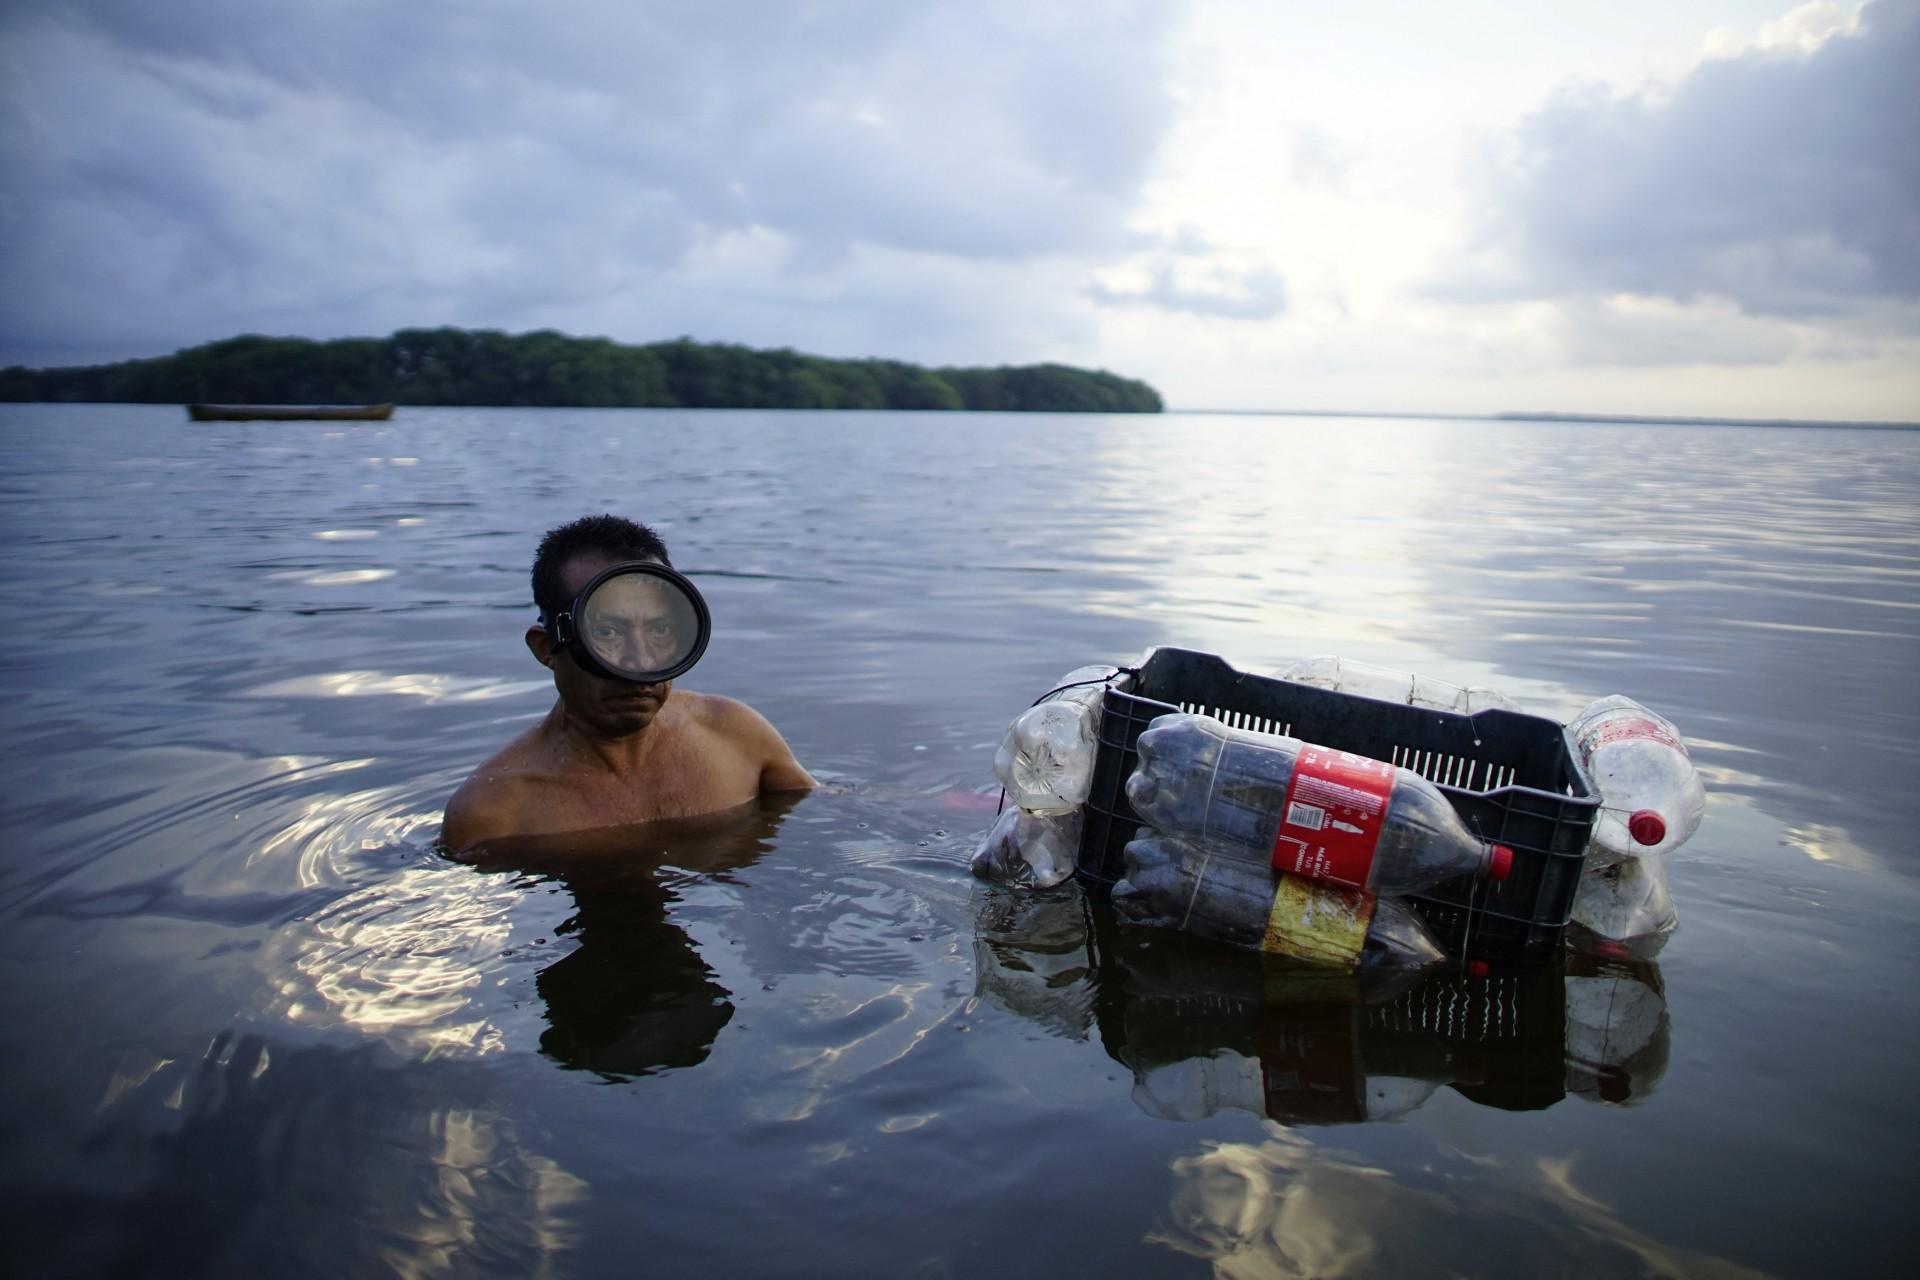 El pescador Carlos Reyes atrapa ostras en un área de manglares en la laguna de Mecoacan cerca de Paraiso, México, el 9 de diciembre de 2018.